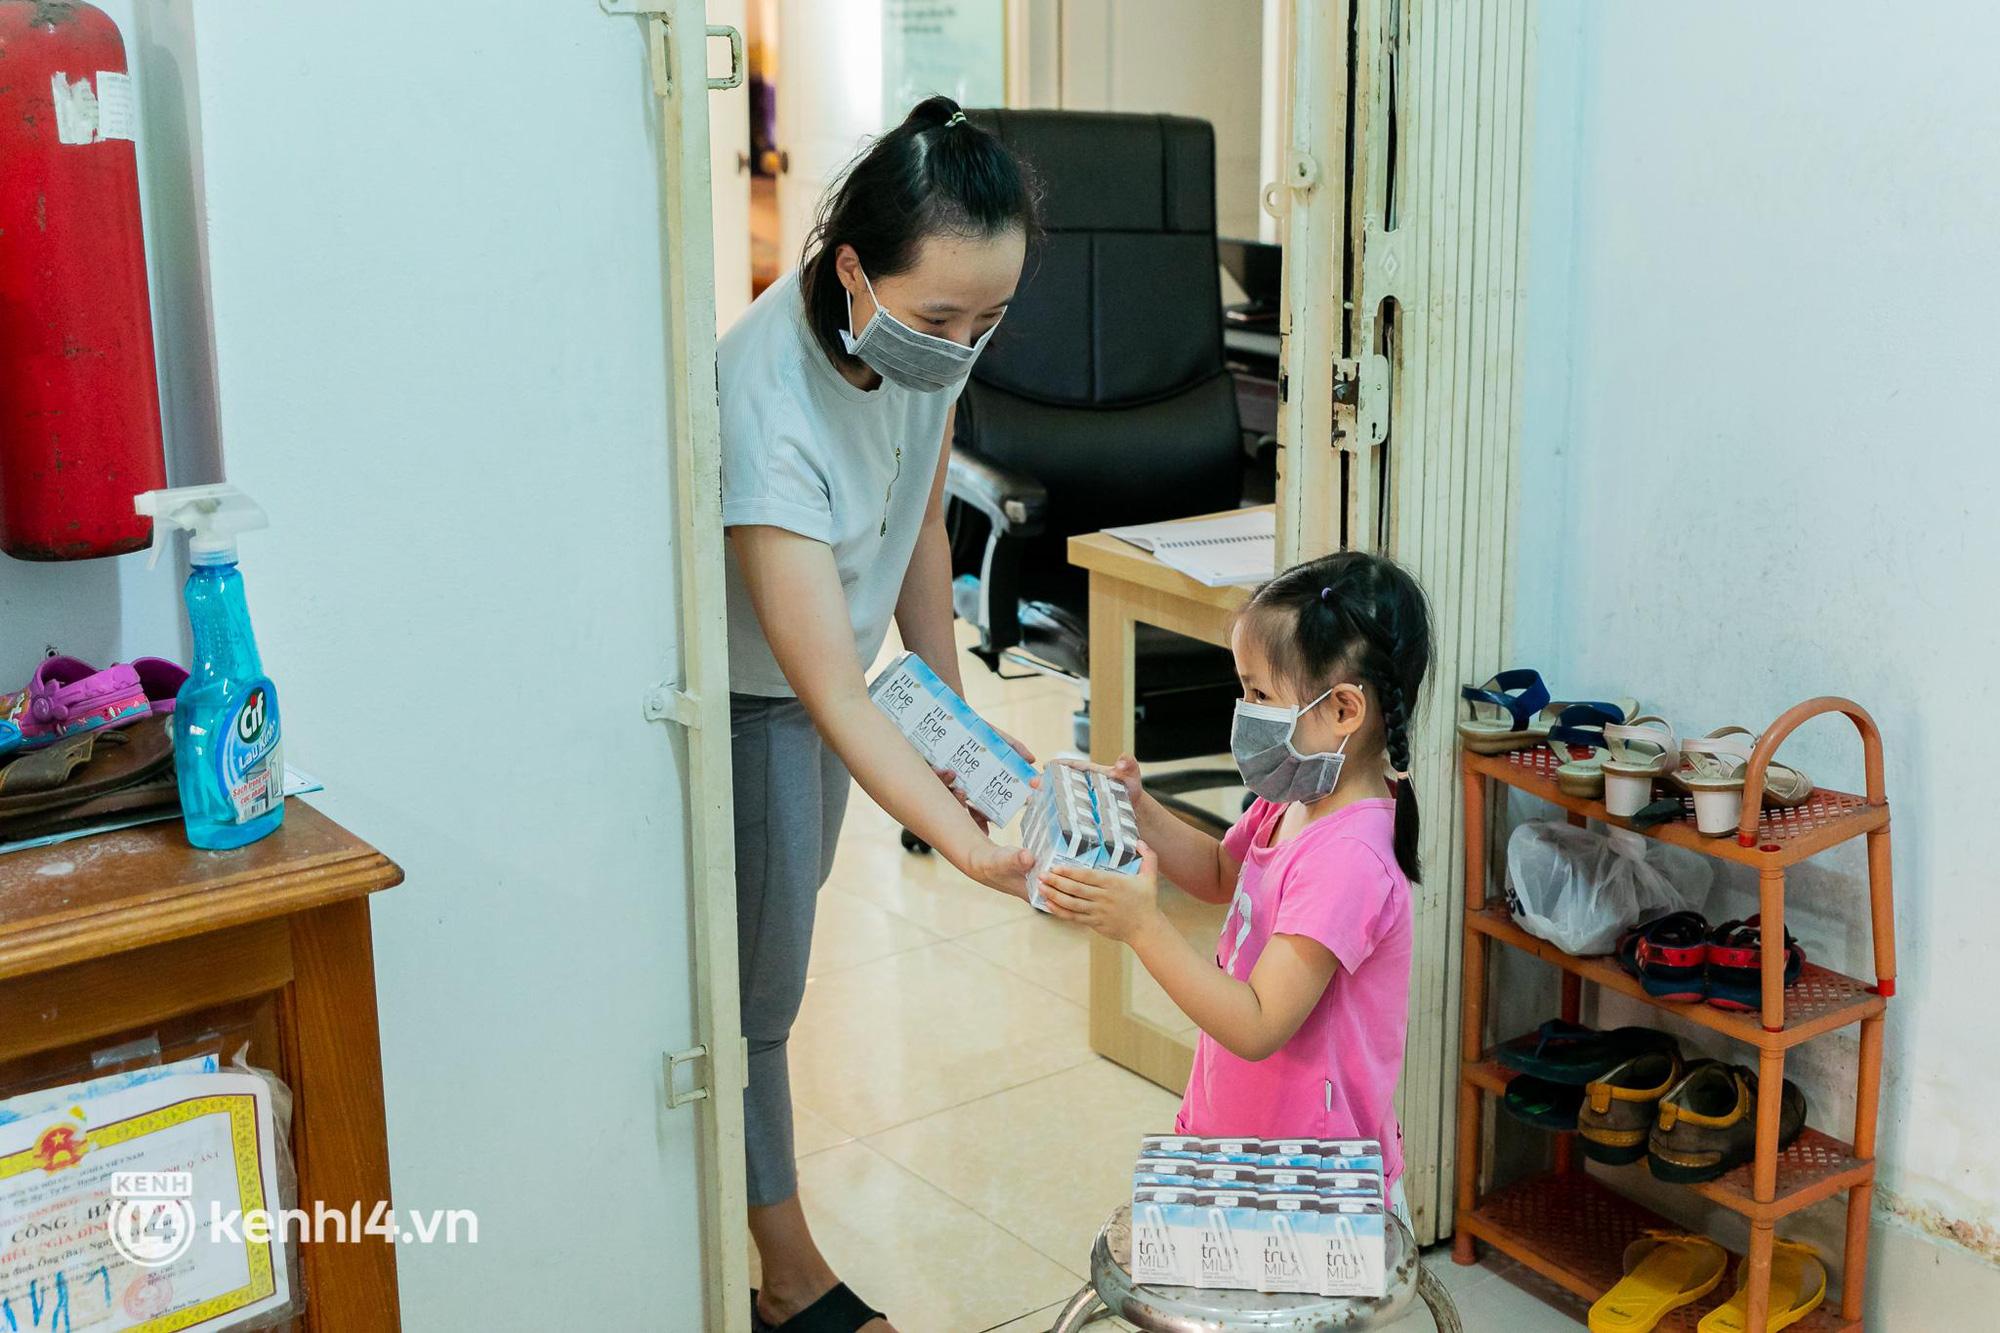 Ấm lòng mùa dịch: Trân quý những ly sữa tươi sạch tiếp sức trẻ nhỏ Sài Gòn - Ảnh 12.